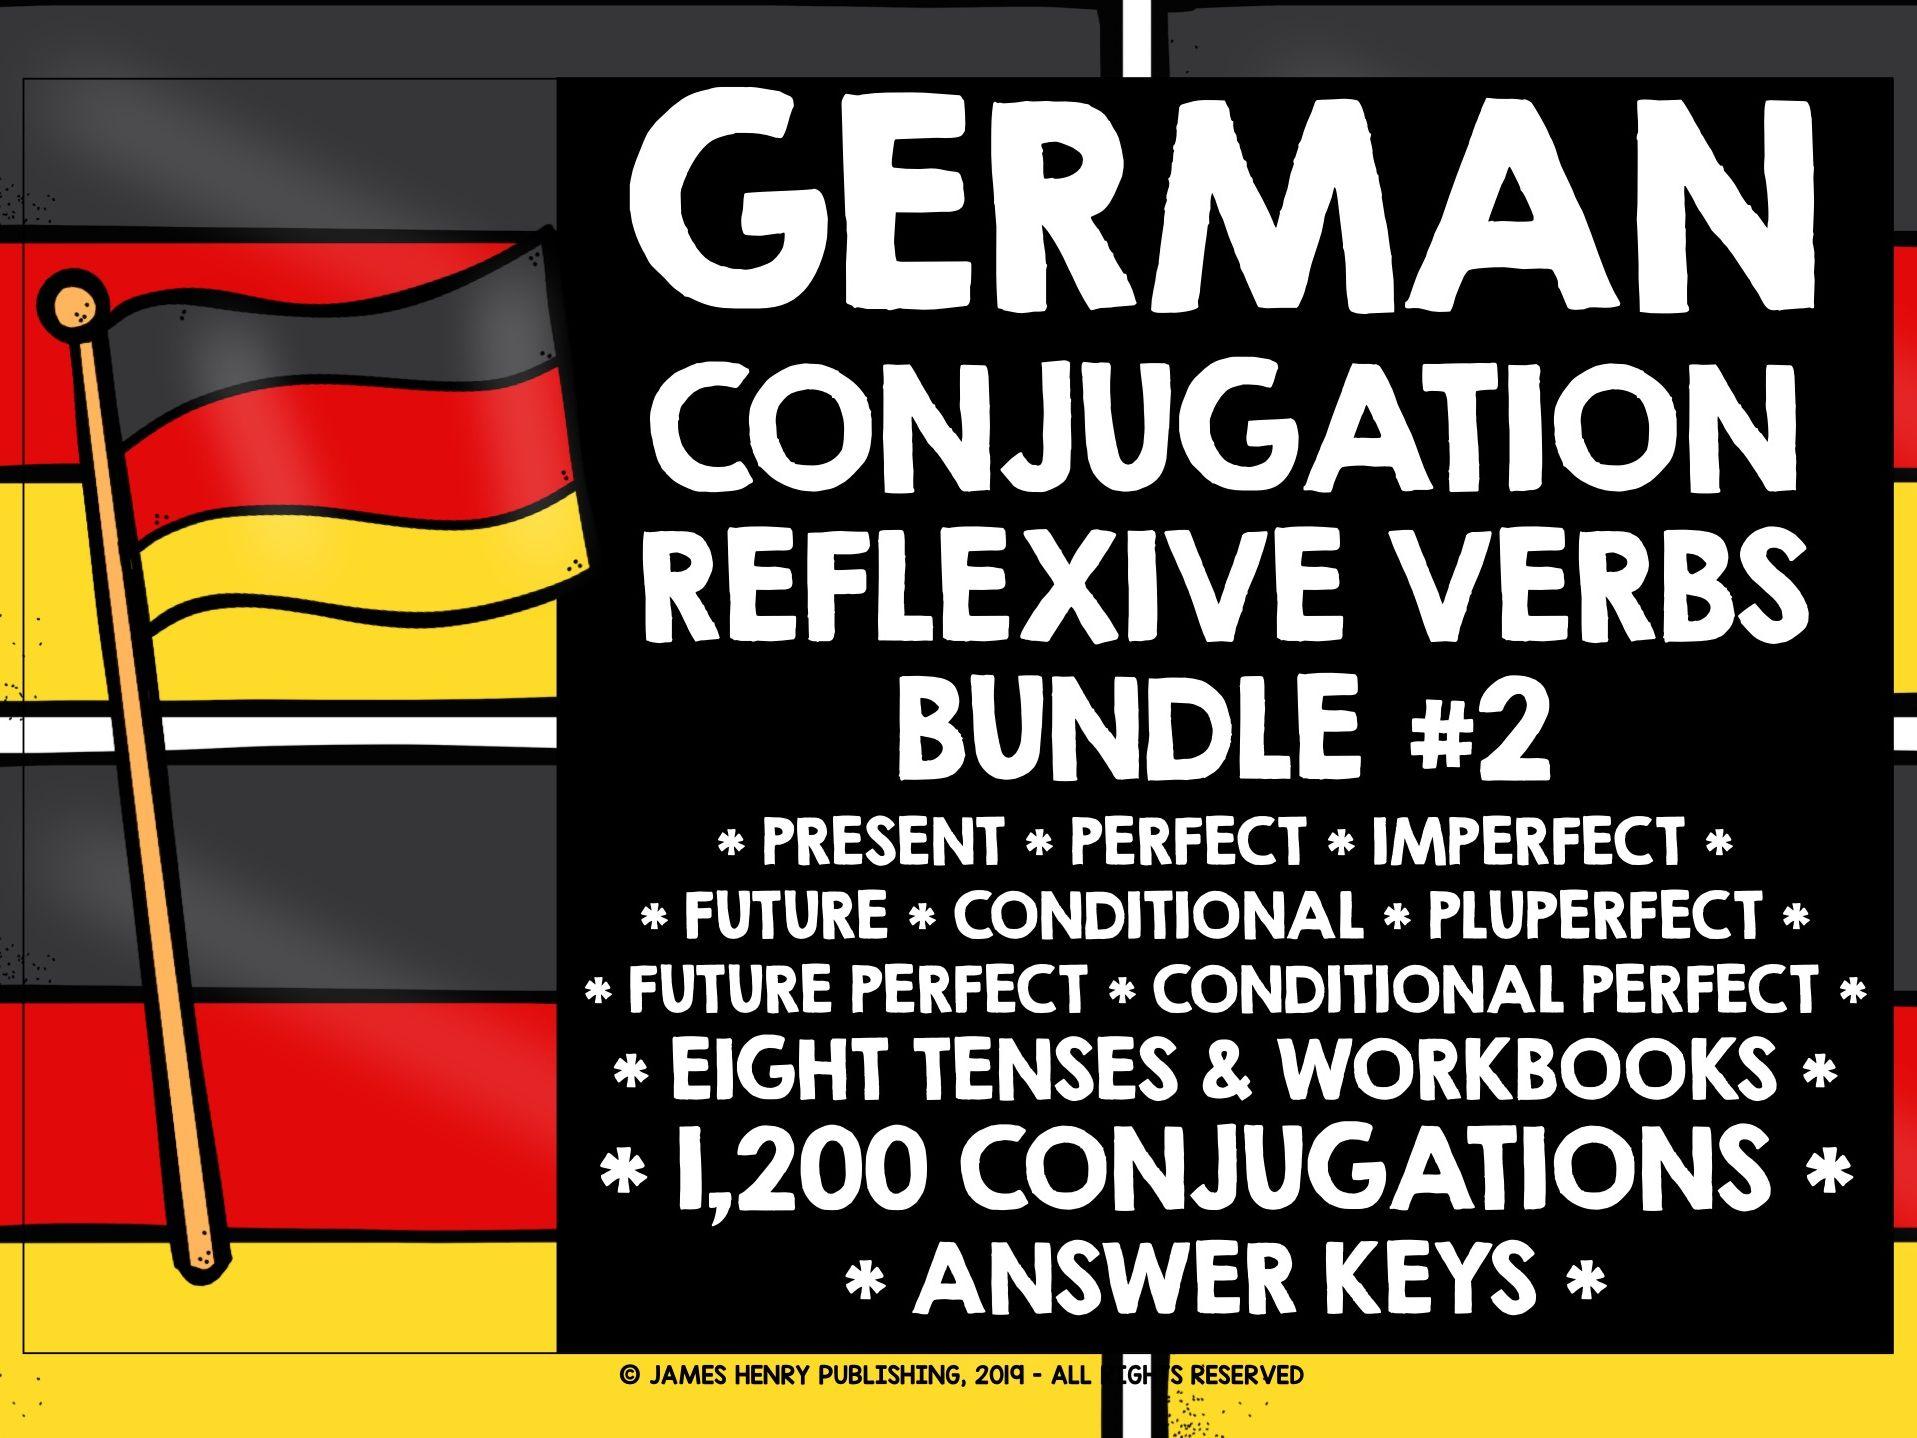 GERMAN REFLEXIVE VERBS CONJUGATION BUNDLE 2